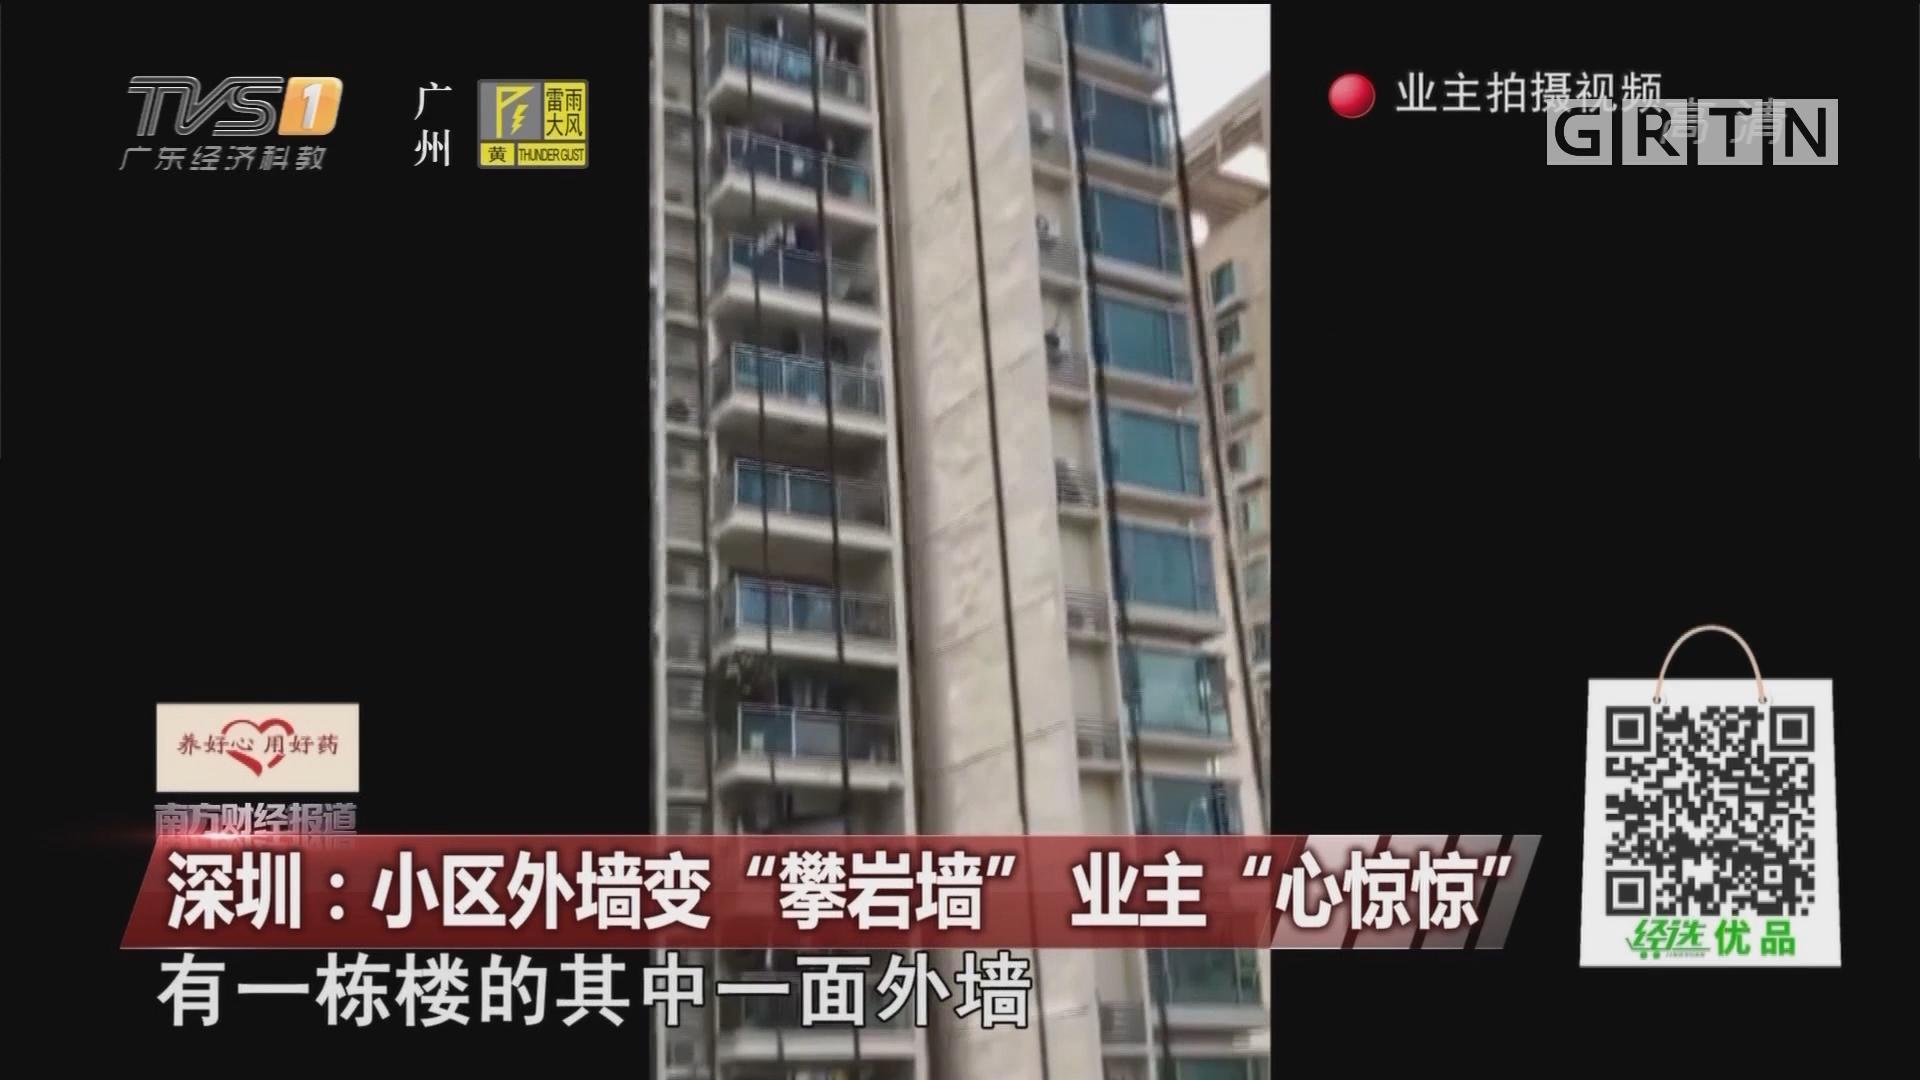 """深圳:小区外墙变""""攀岩墙"""" 业主""""心惊惊"""""""